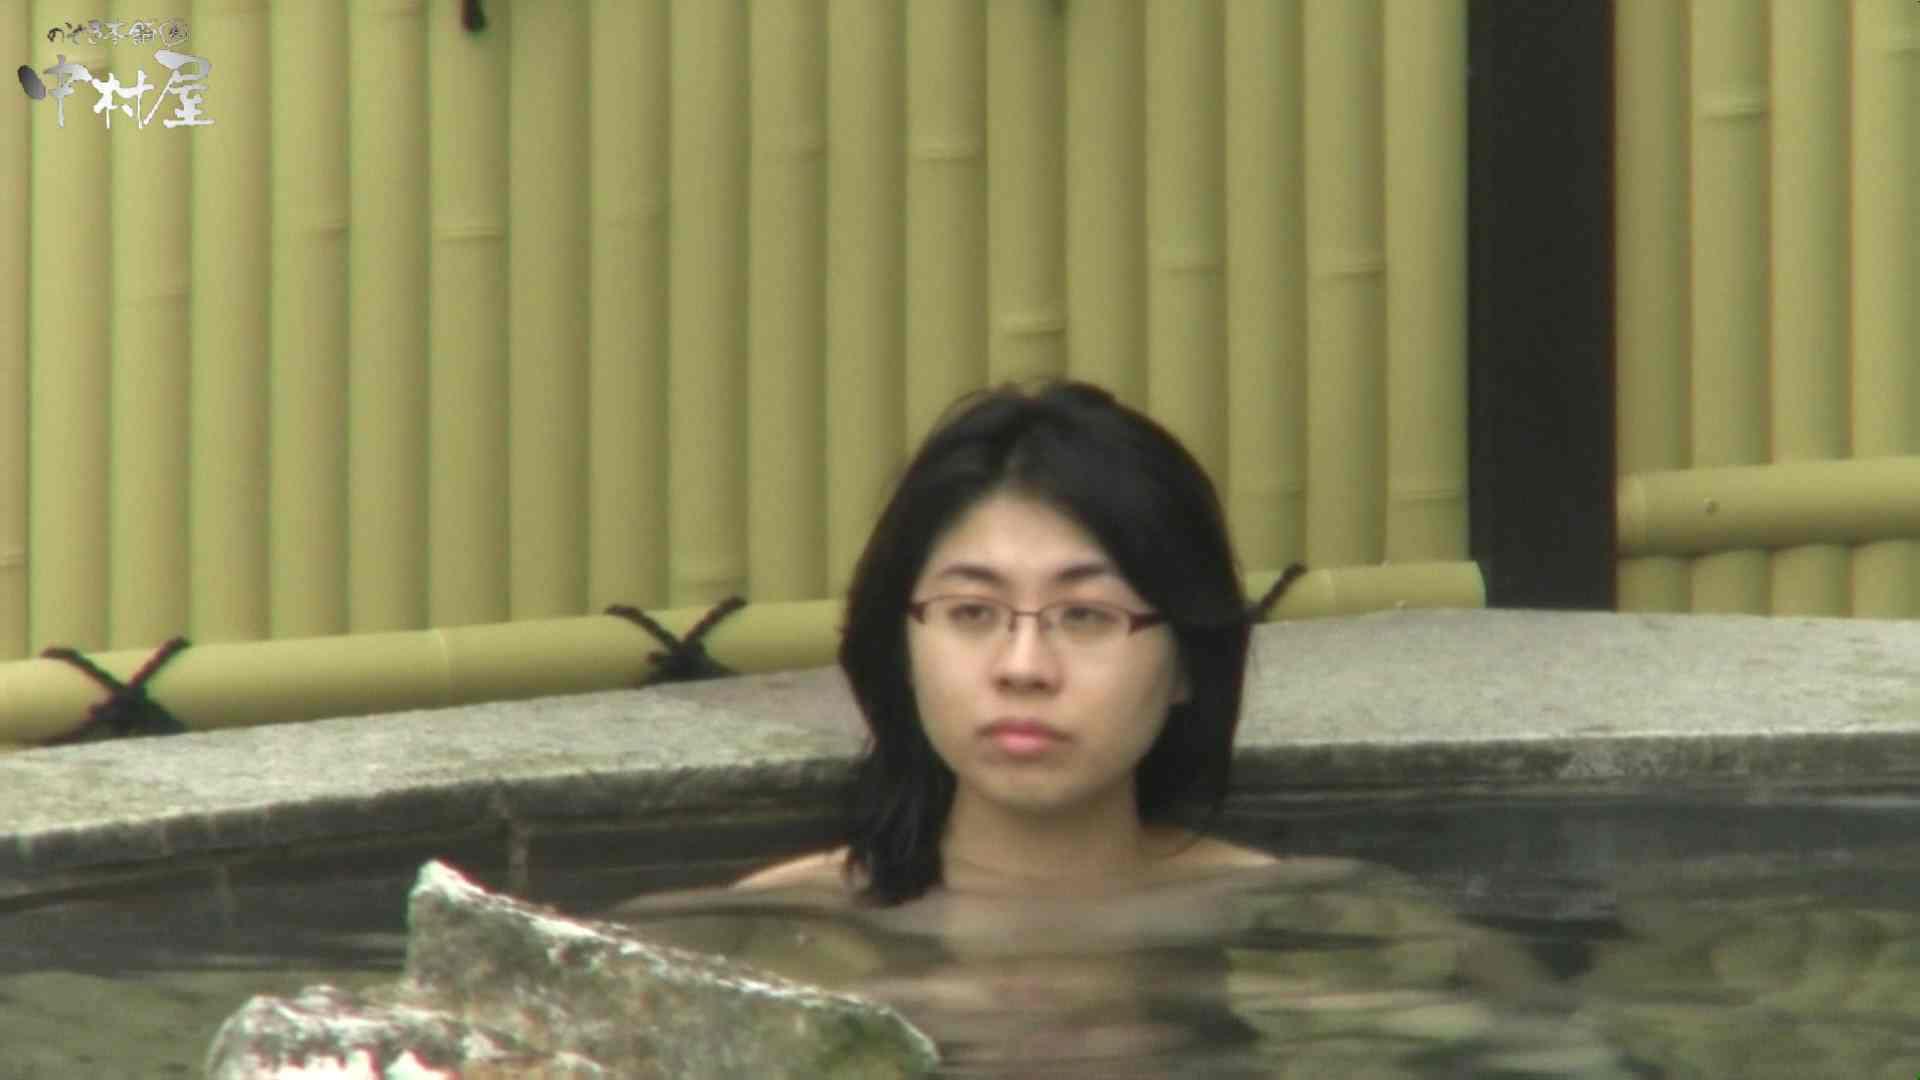 Aquaな露天風呂Vol.947 綺麗なOLたち おまんこ動画流出 111枚 32